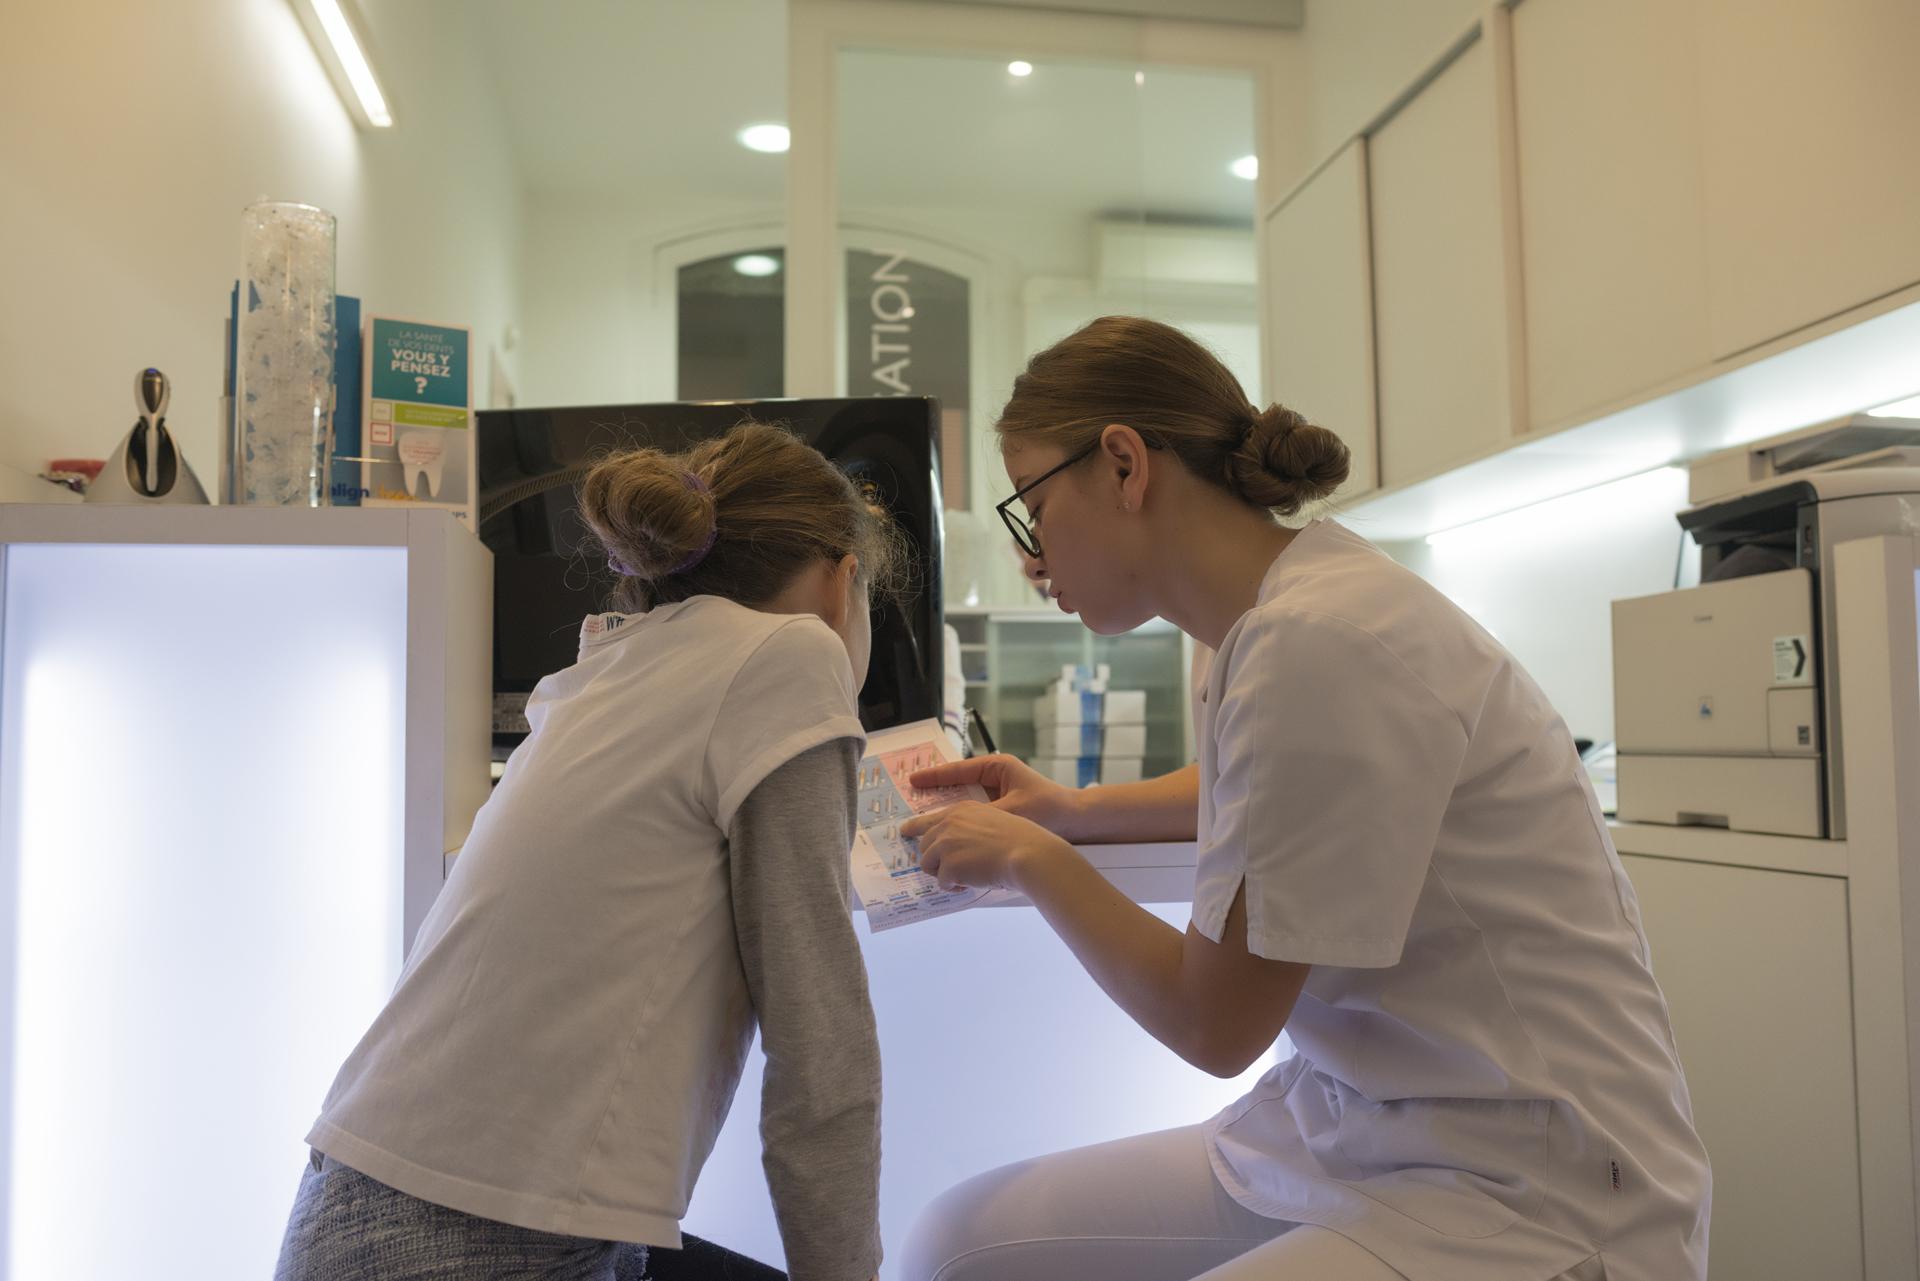 Orthodontie 31 - information et explication de votre traitement au service de l'esthétisme de votre sourire